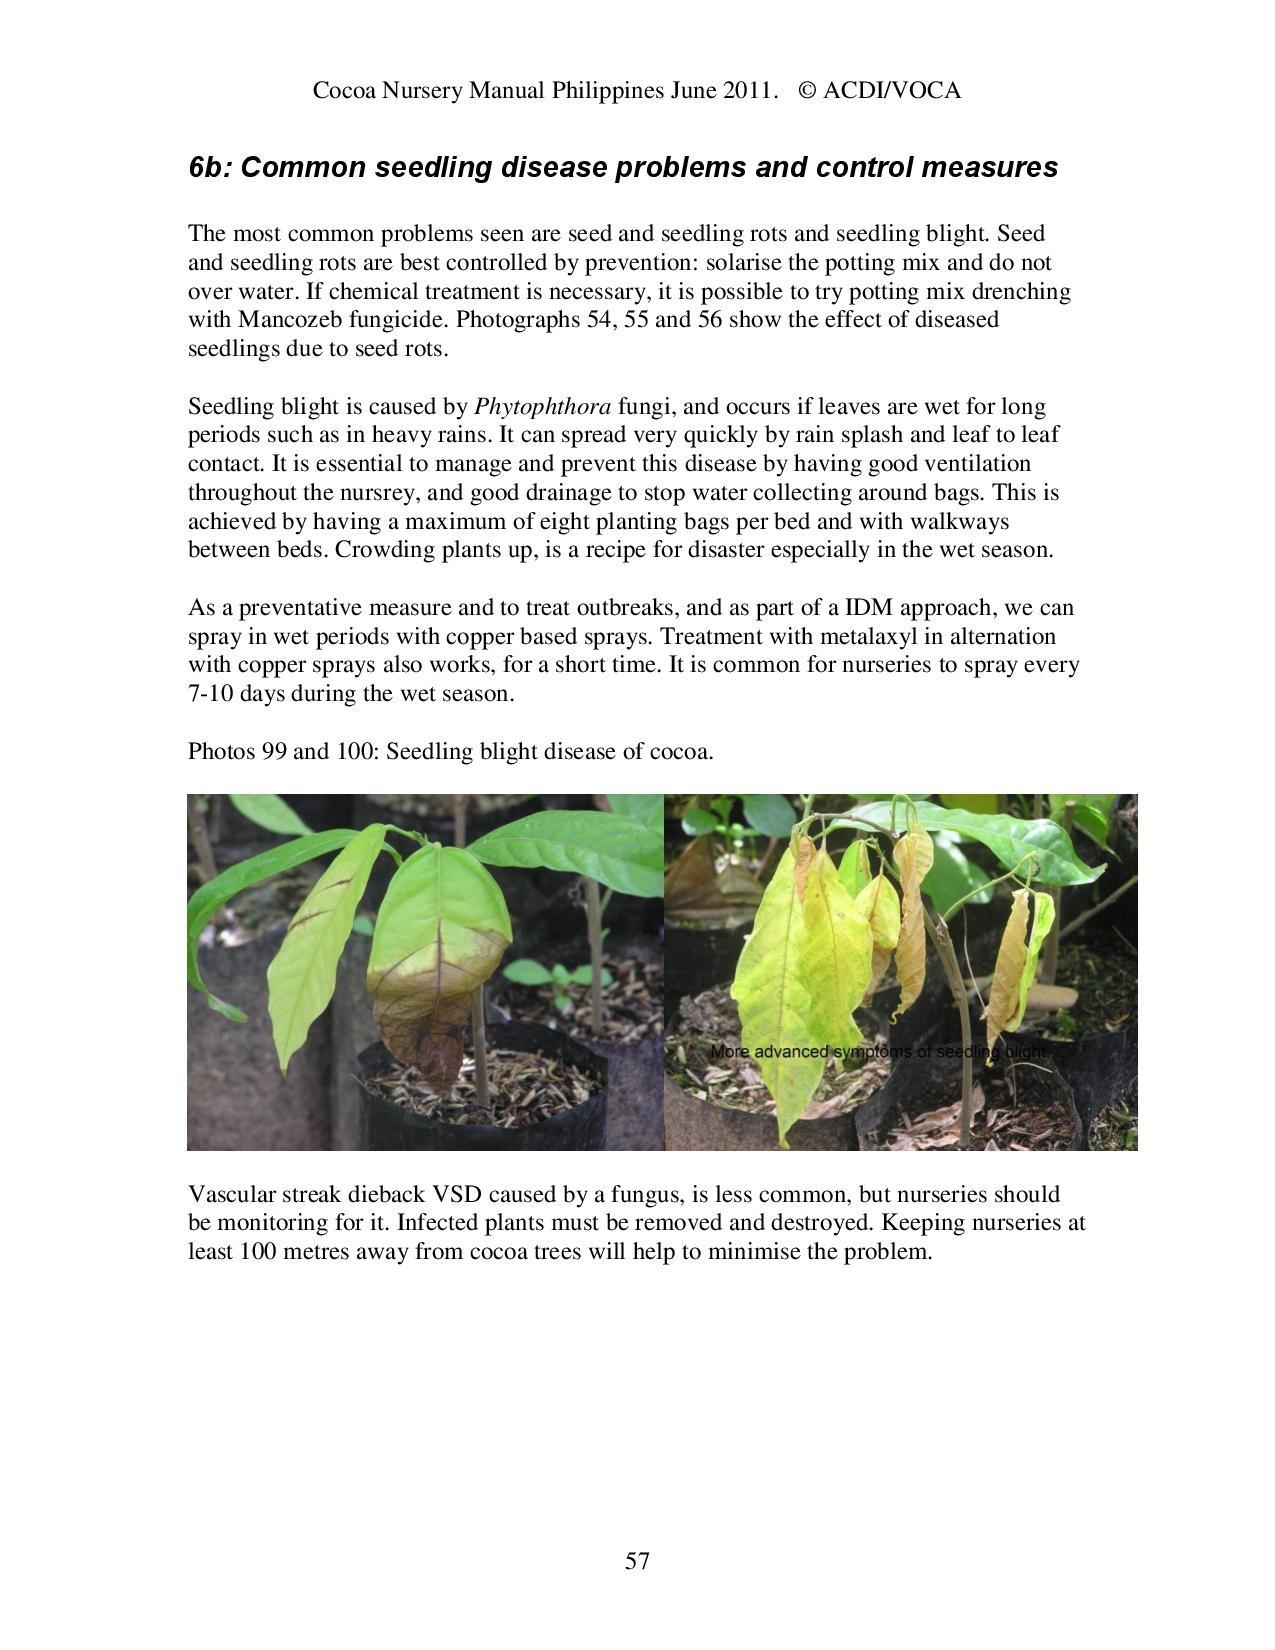 Cocoa-Nursery-Manual-2011_acdi-voca-page-057